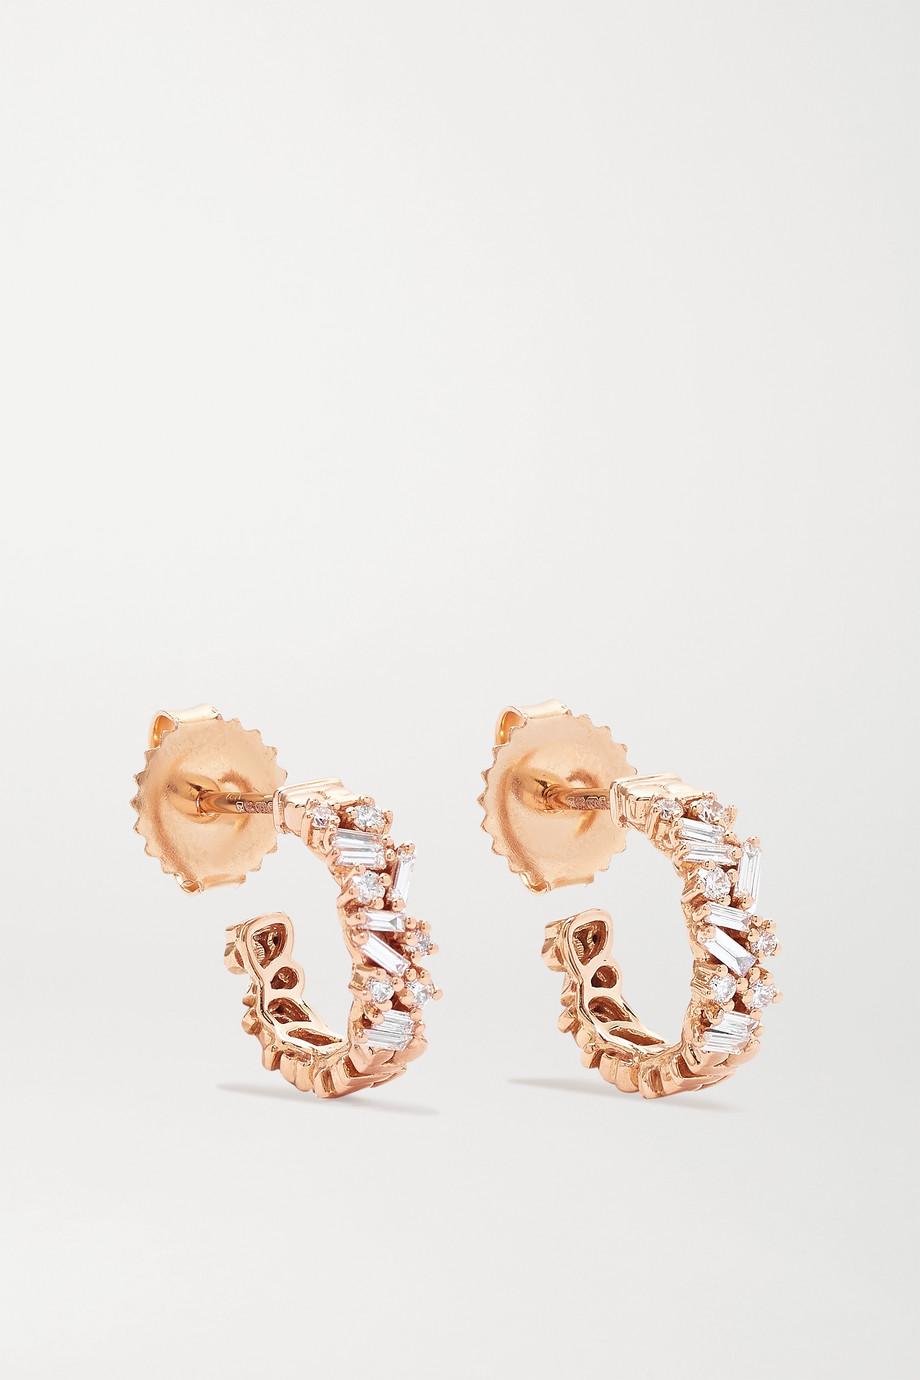 Suzanne Kalan 18K 玫瑰金钻石耳环